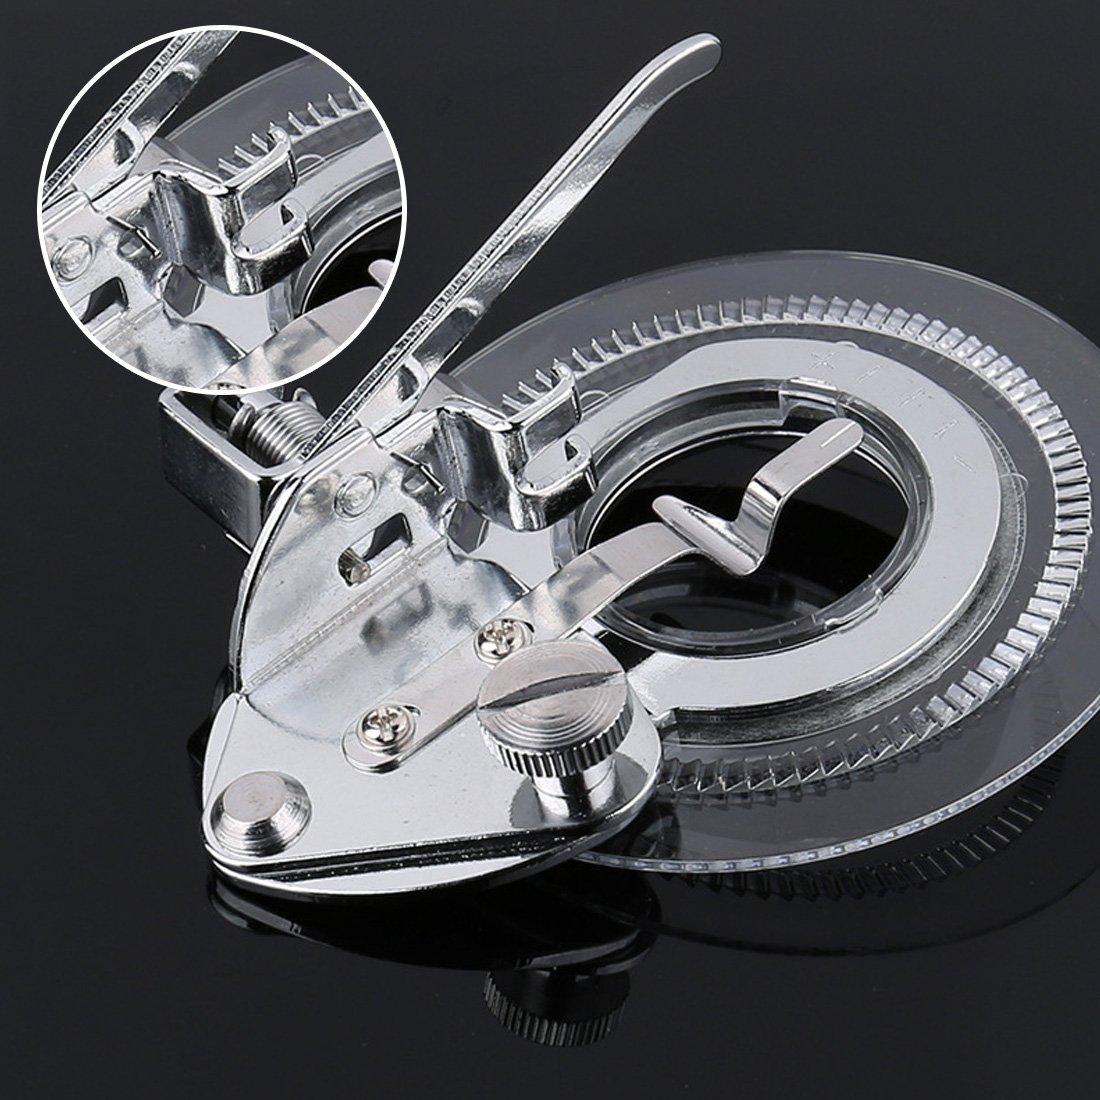 Flor de acero inoxidable de punto de prensatelas para Stitcher partes redondo pie prensatelas: Amazon.es: Bricolaje y herramientas